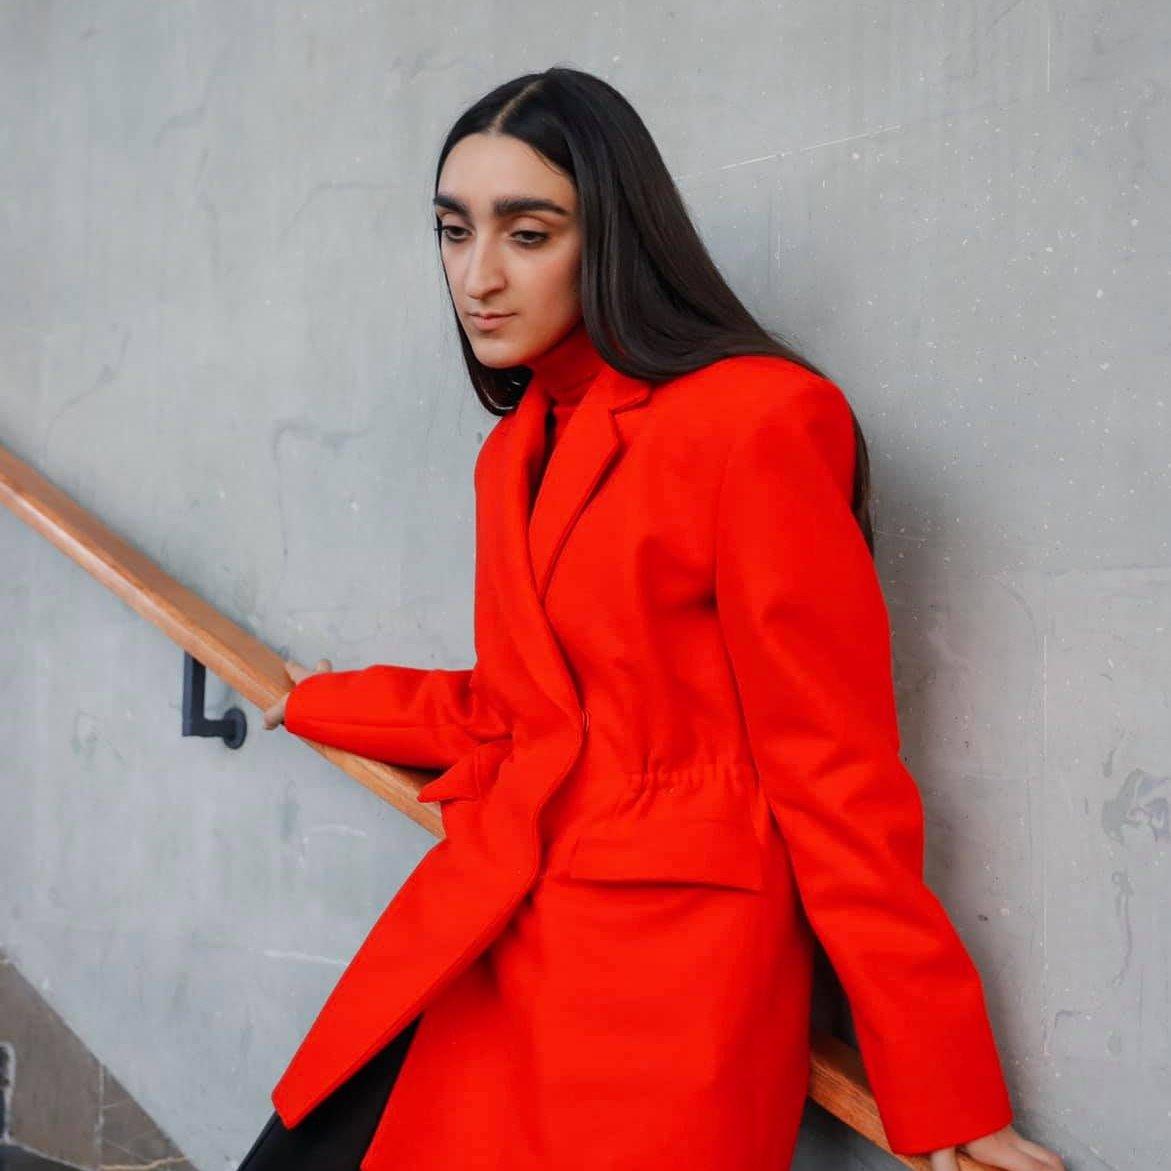 Tutti pazzi per Armine, la modella armena di Gucci dalla bellezza non convenzionale